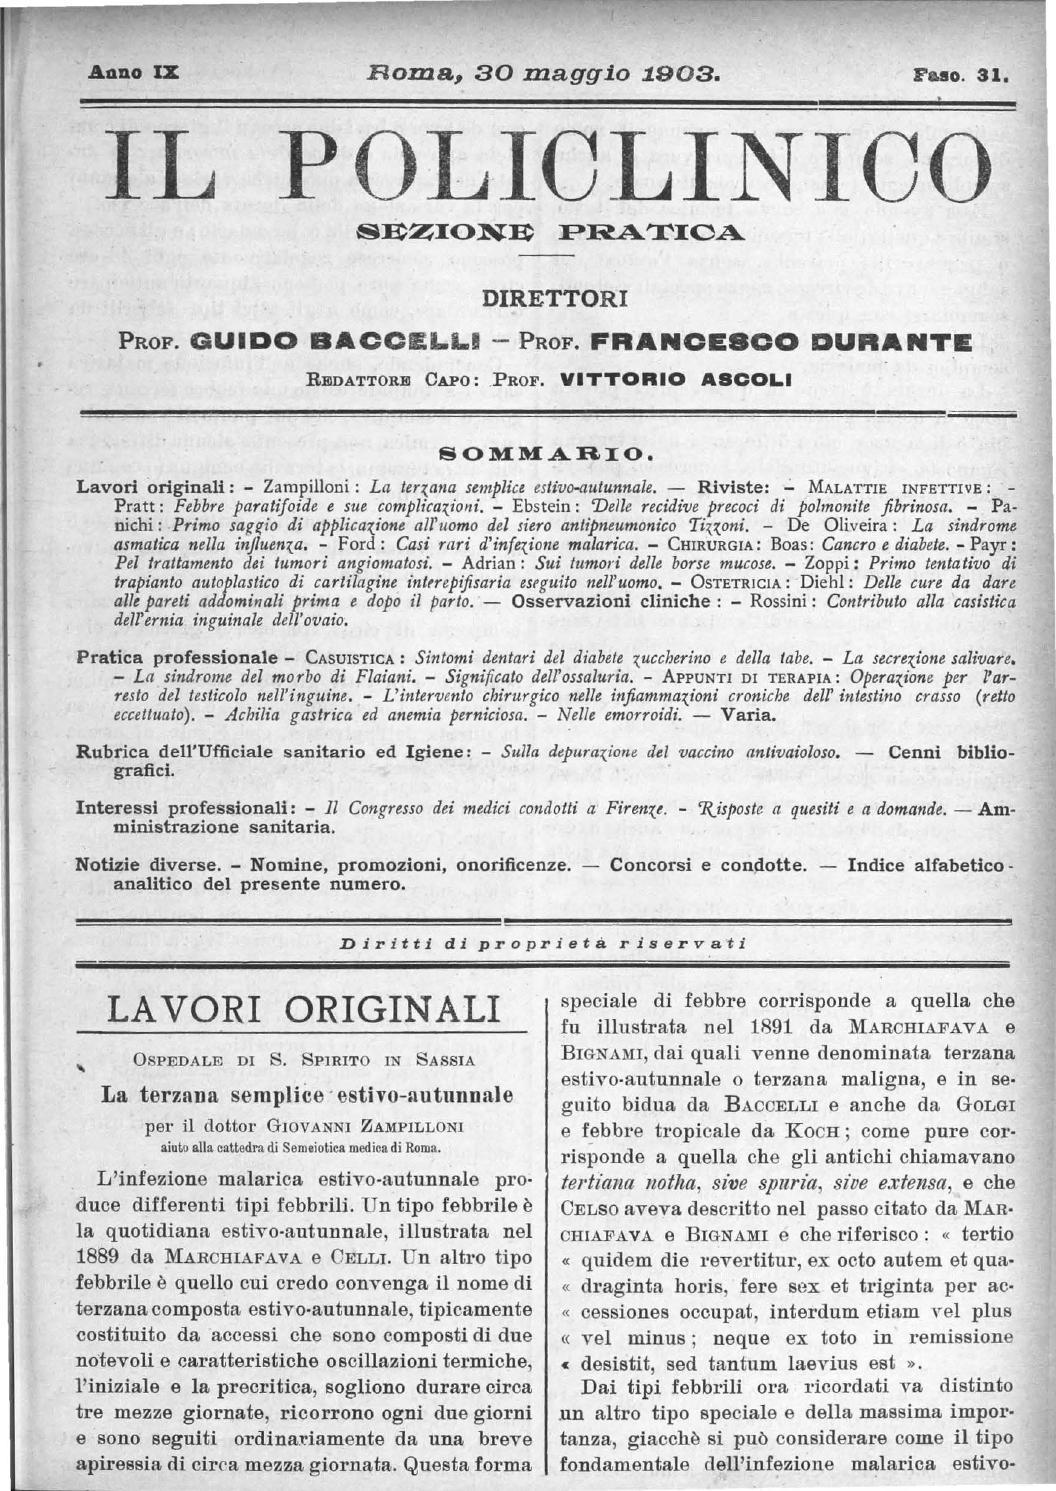 Domicilios pido discreción practico casi todo tipo d 1852